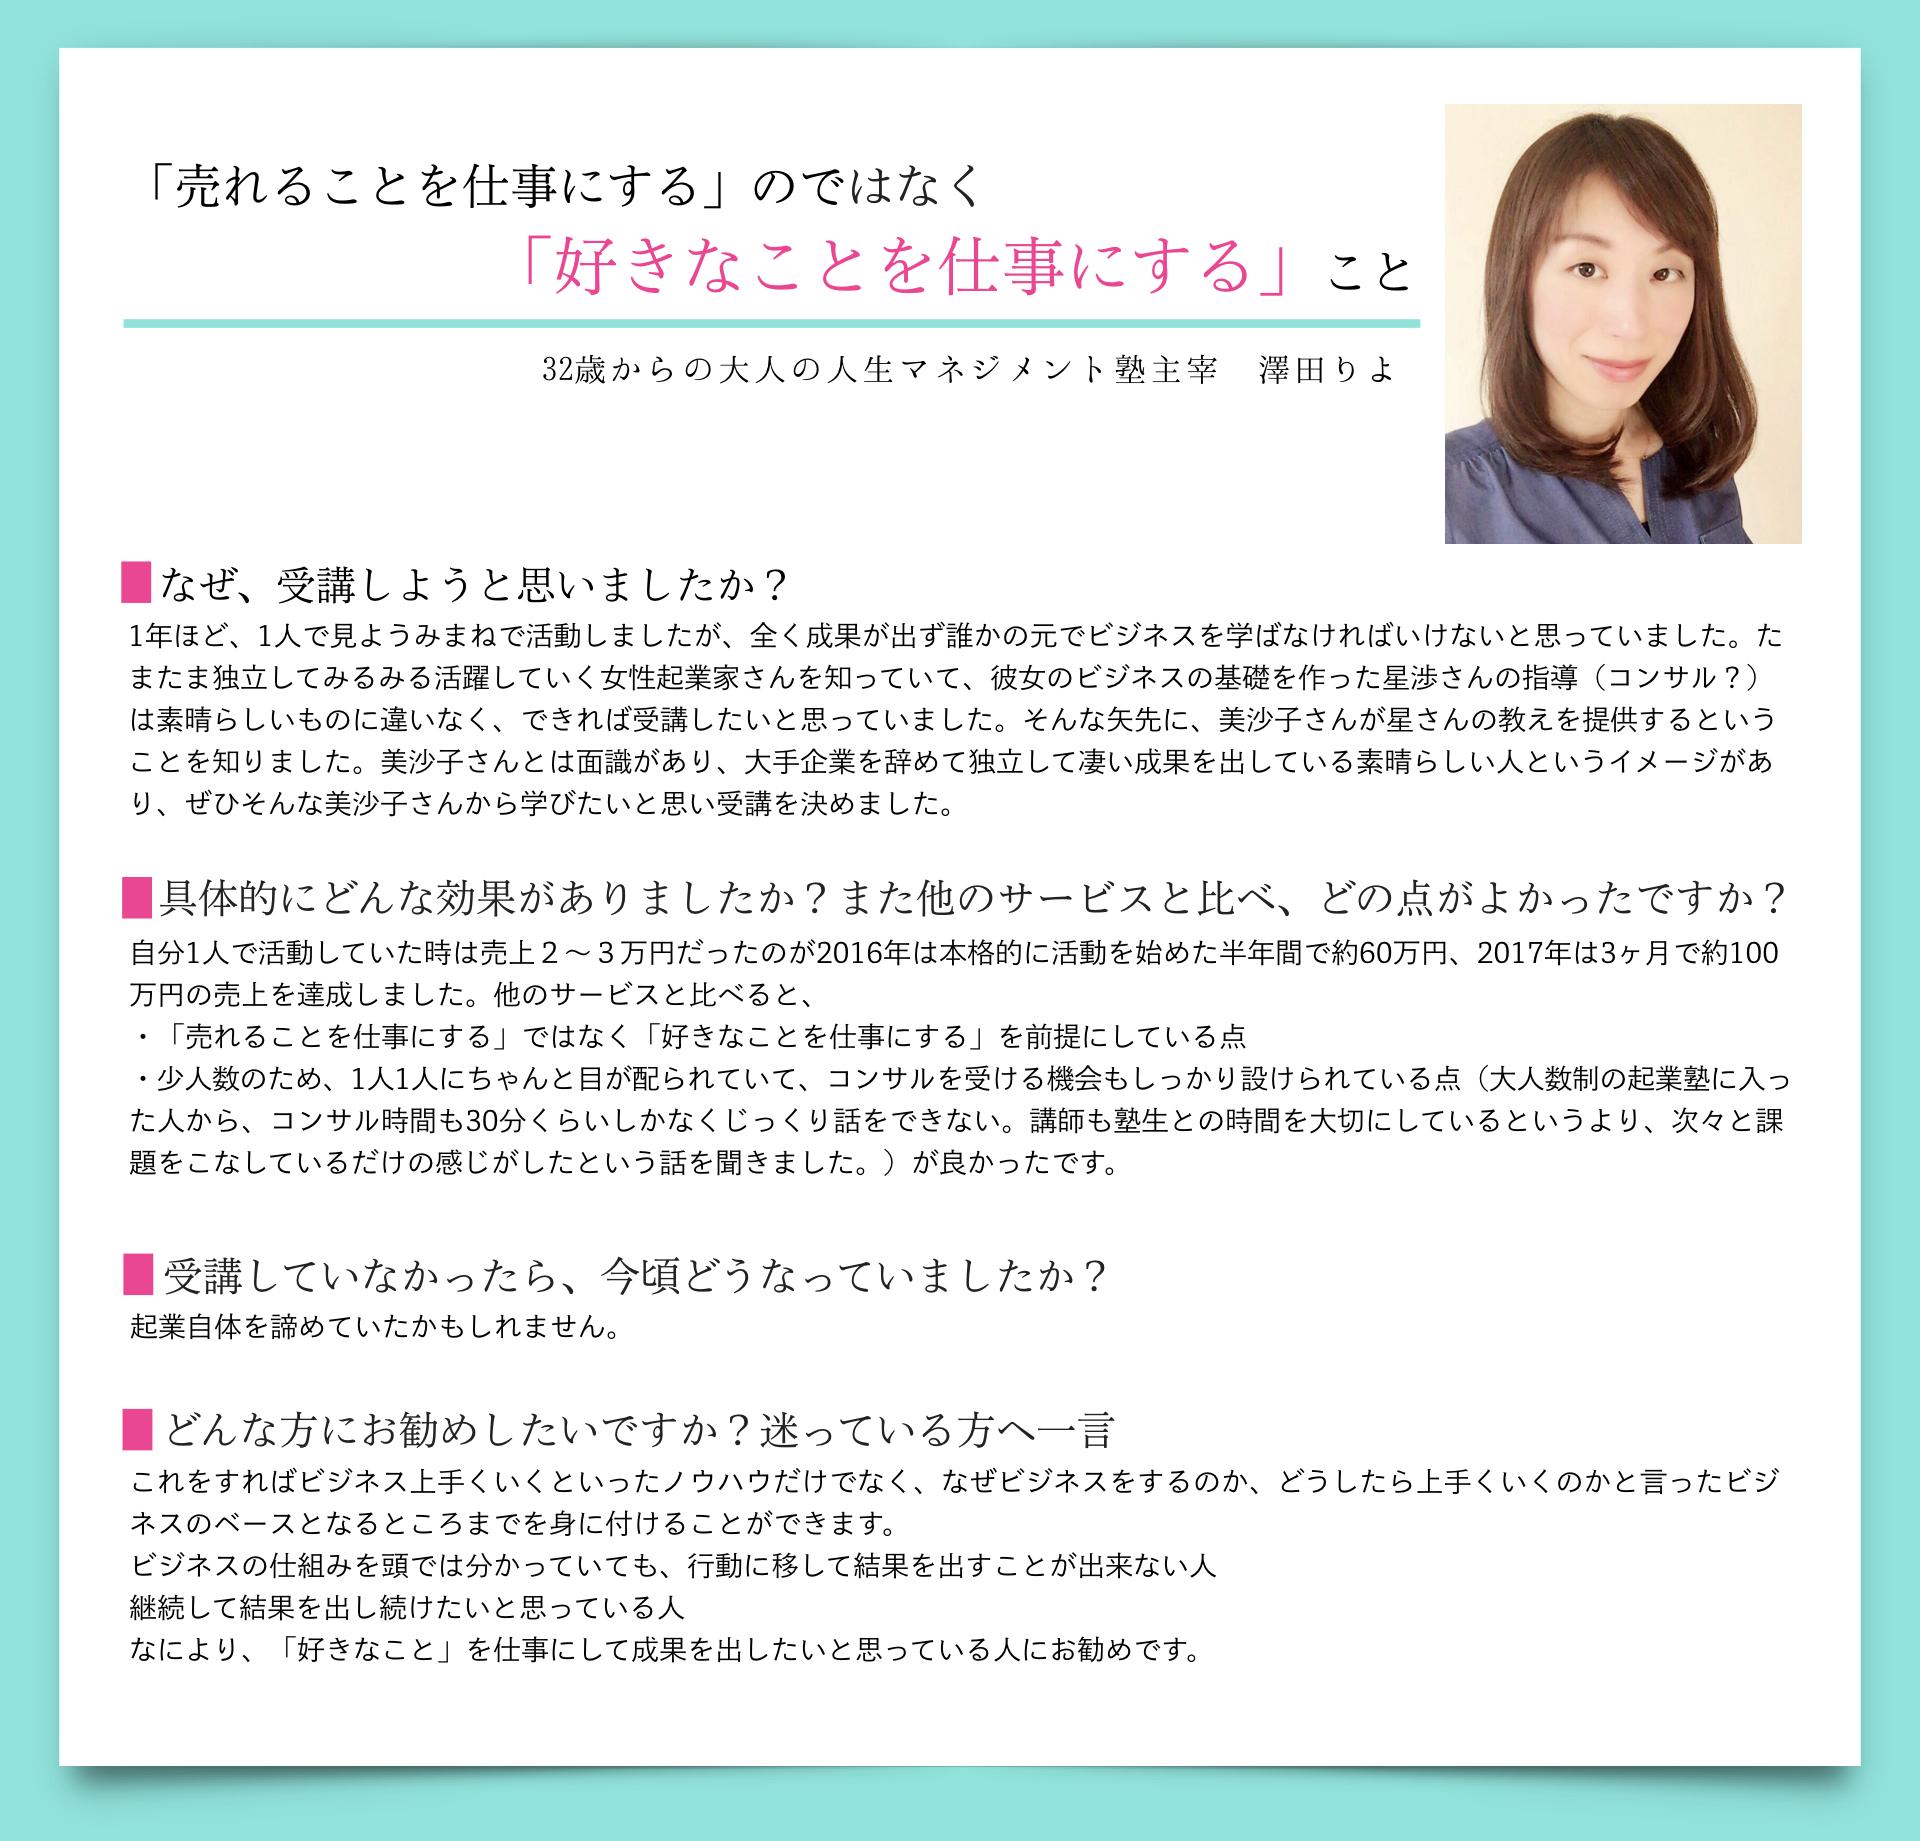 受講生の声:「売れることを仕事にする」のではなく「好きなことを仕事にする」こと 32歳からの大人の人生マネジメント塾主宰 澤田りよ